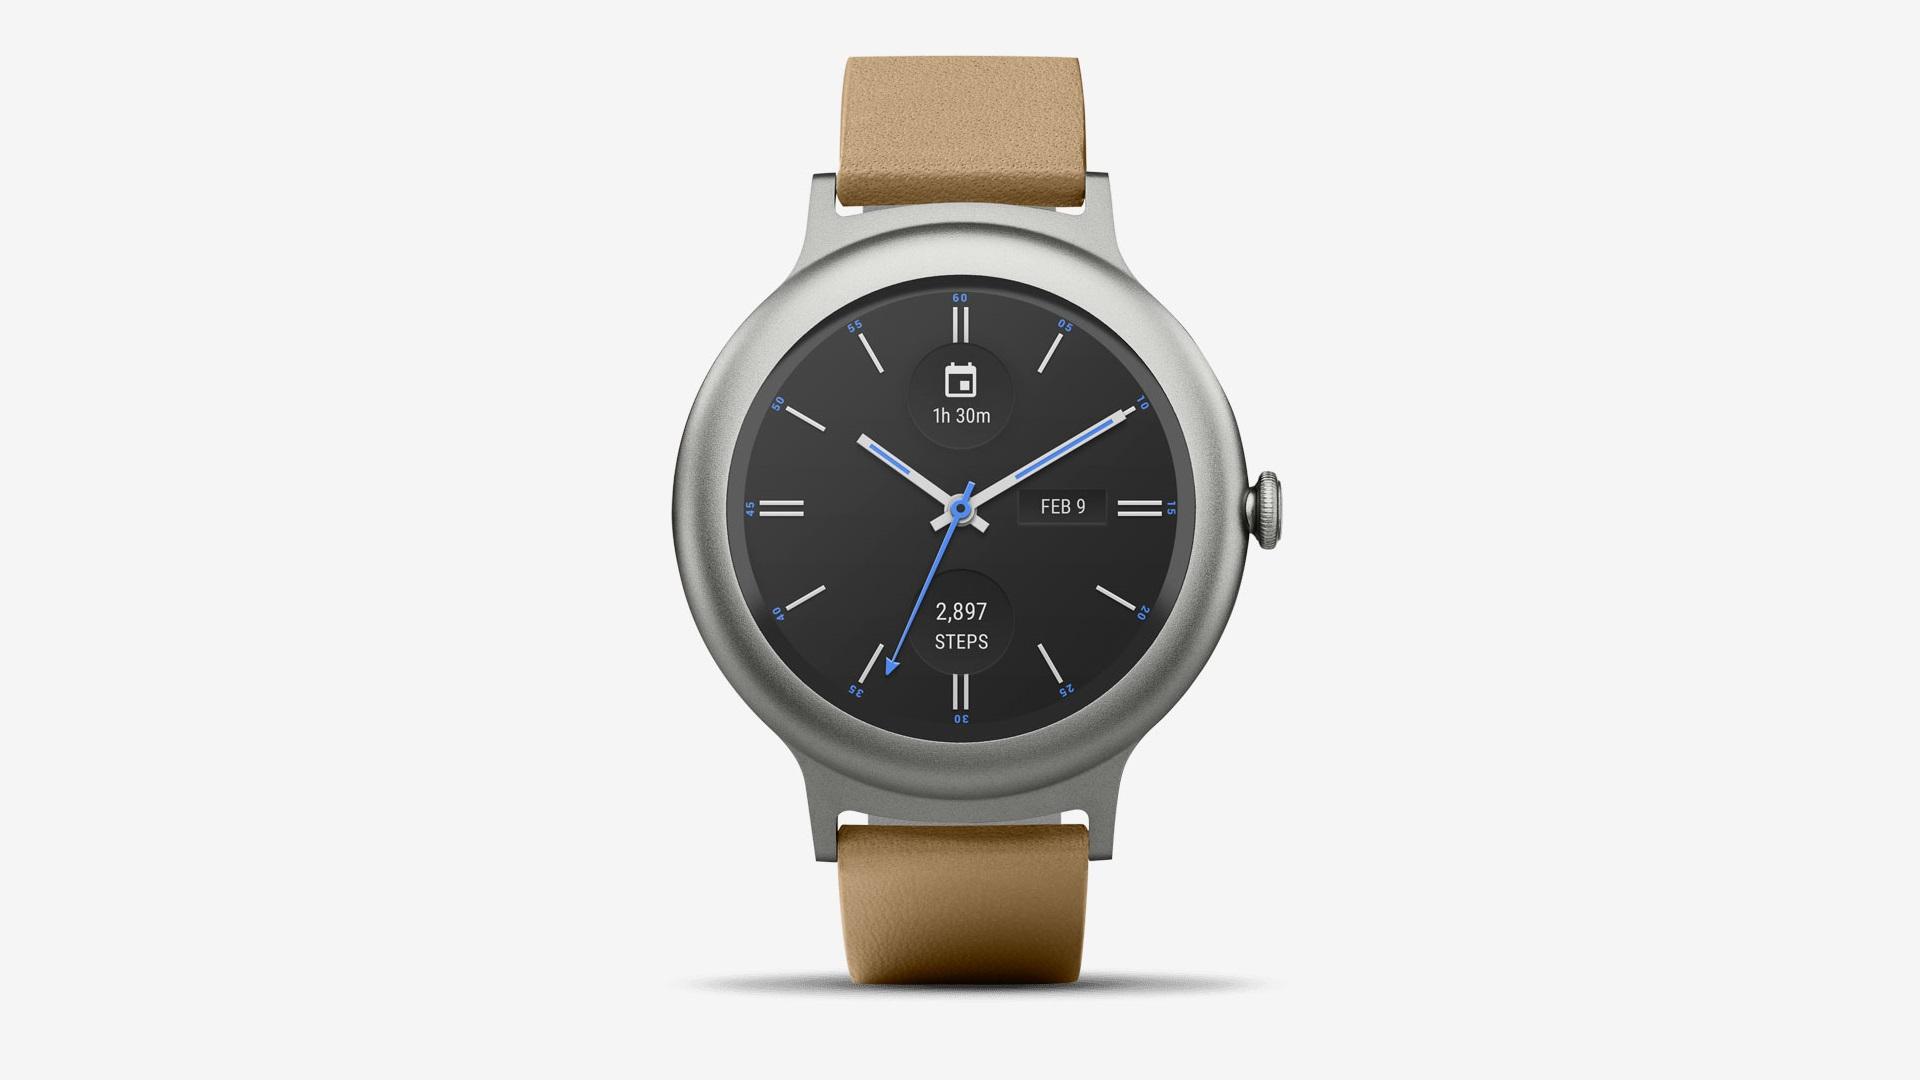 LG Watch Style Release technische Daten Bilder und Preis alle Infos bei GIGA